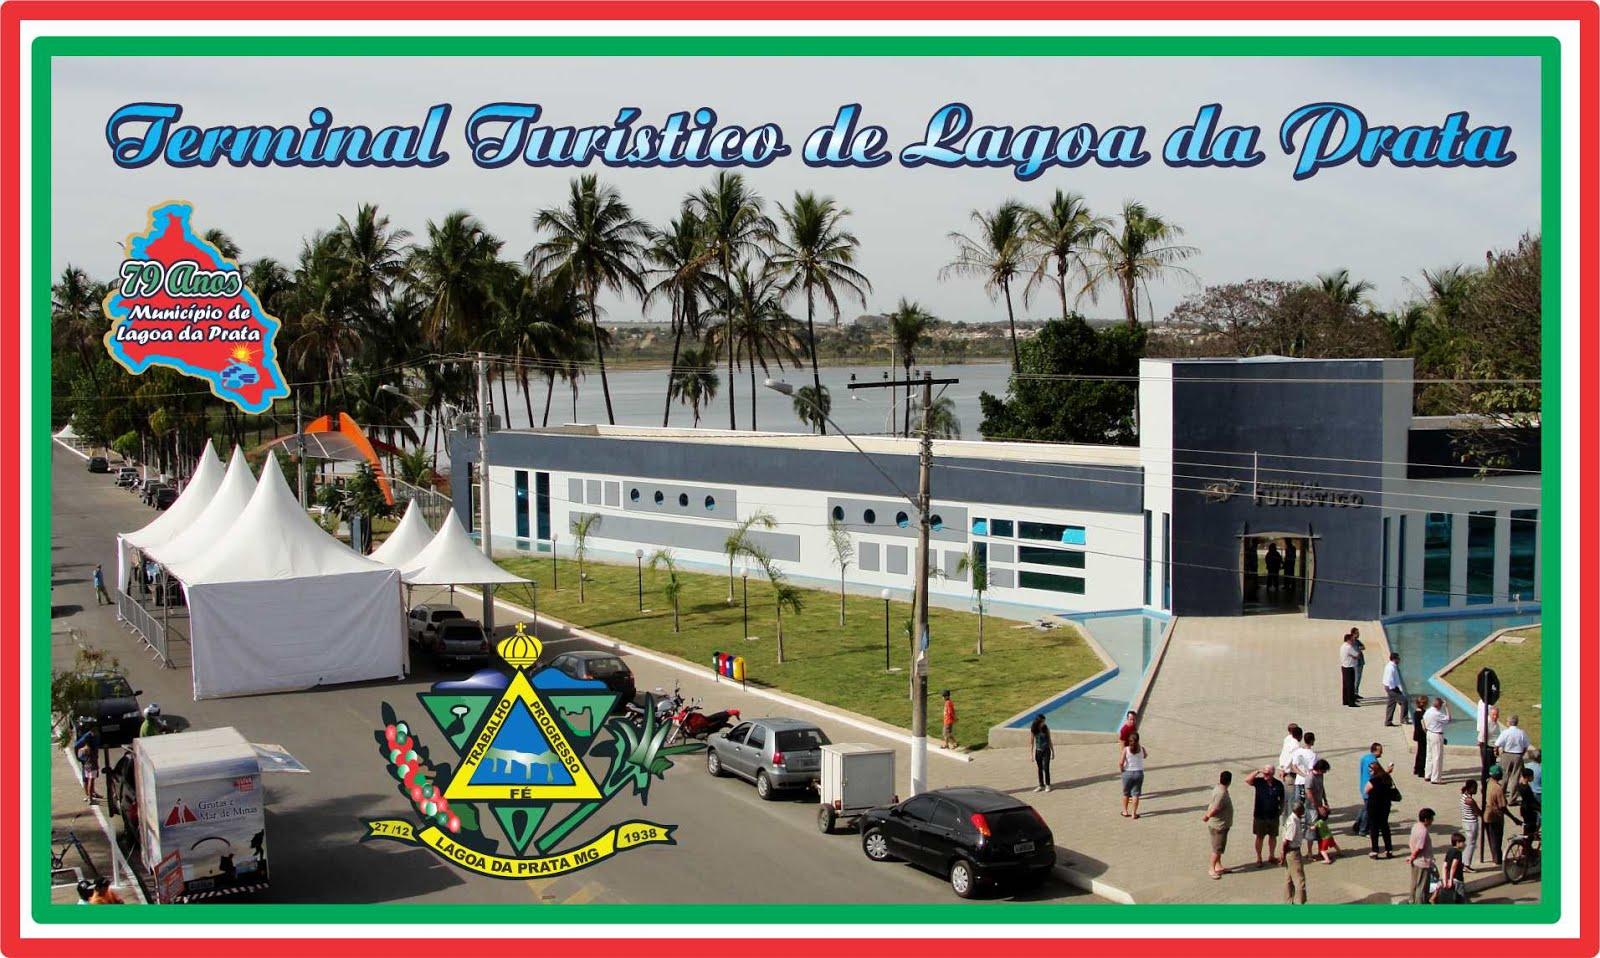 Terminal Turístico de Lagoa da Prata